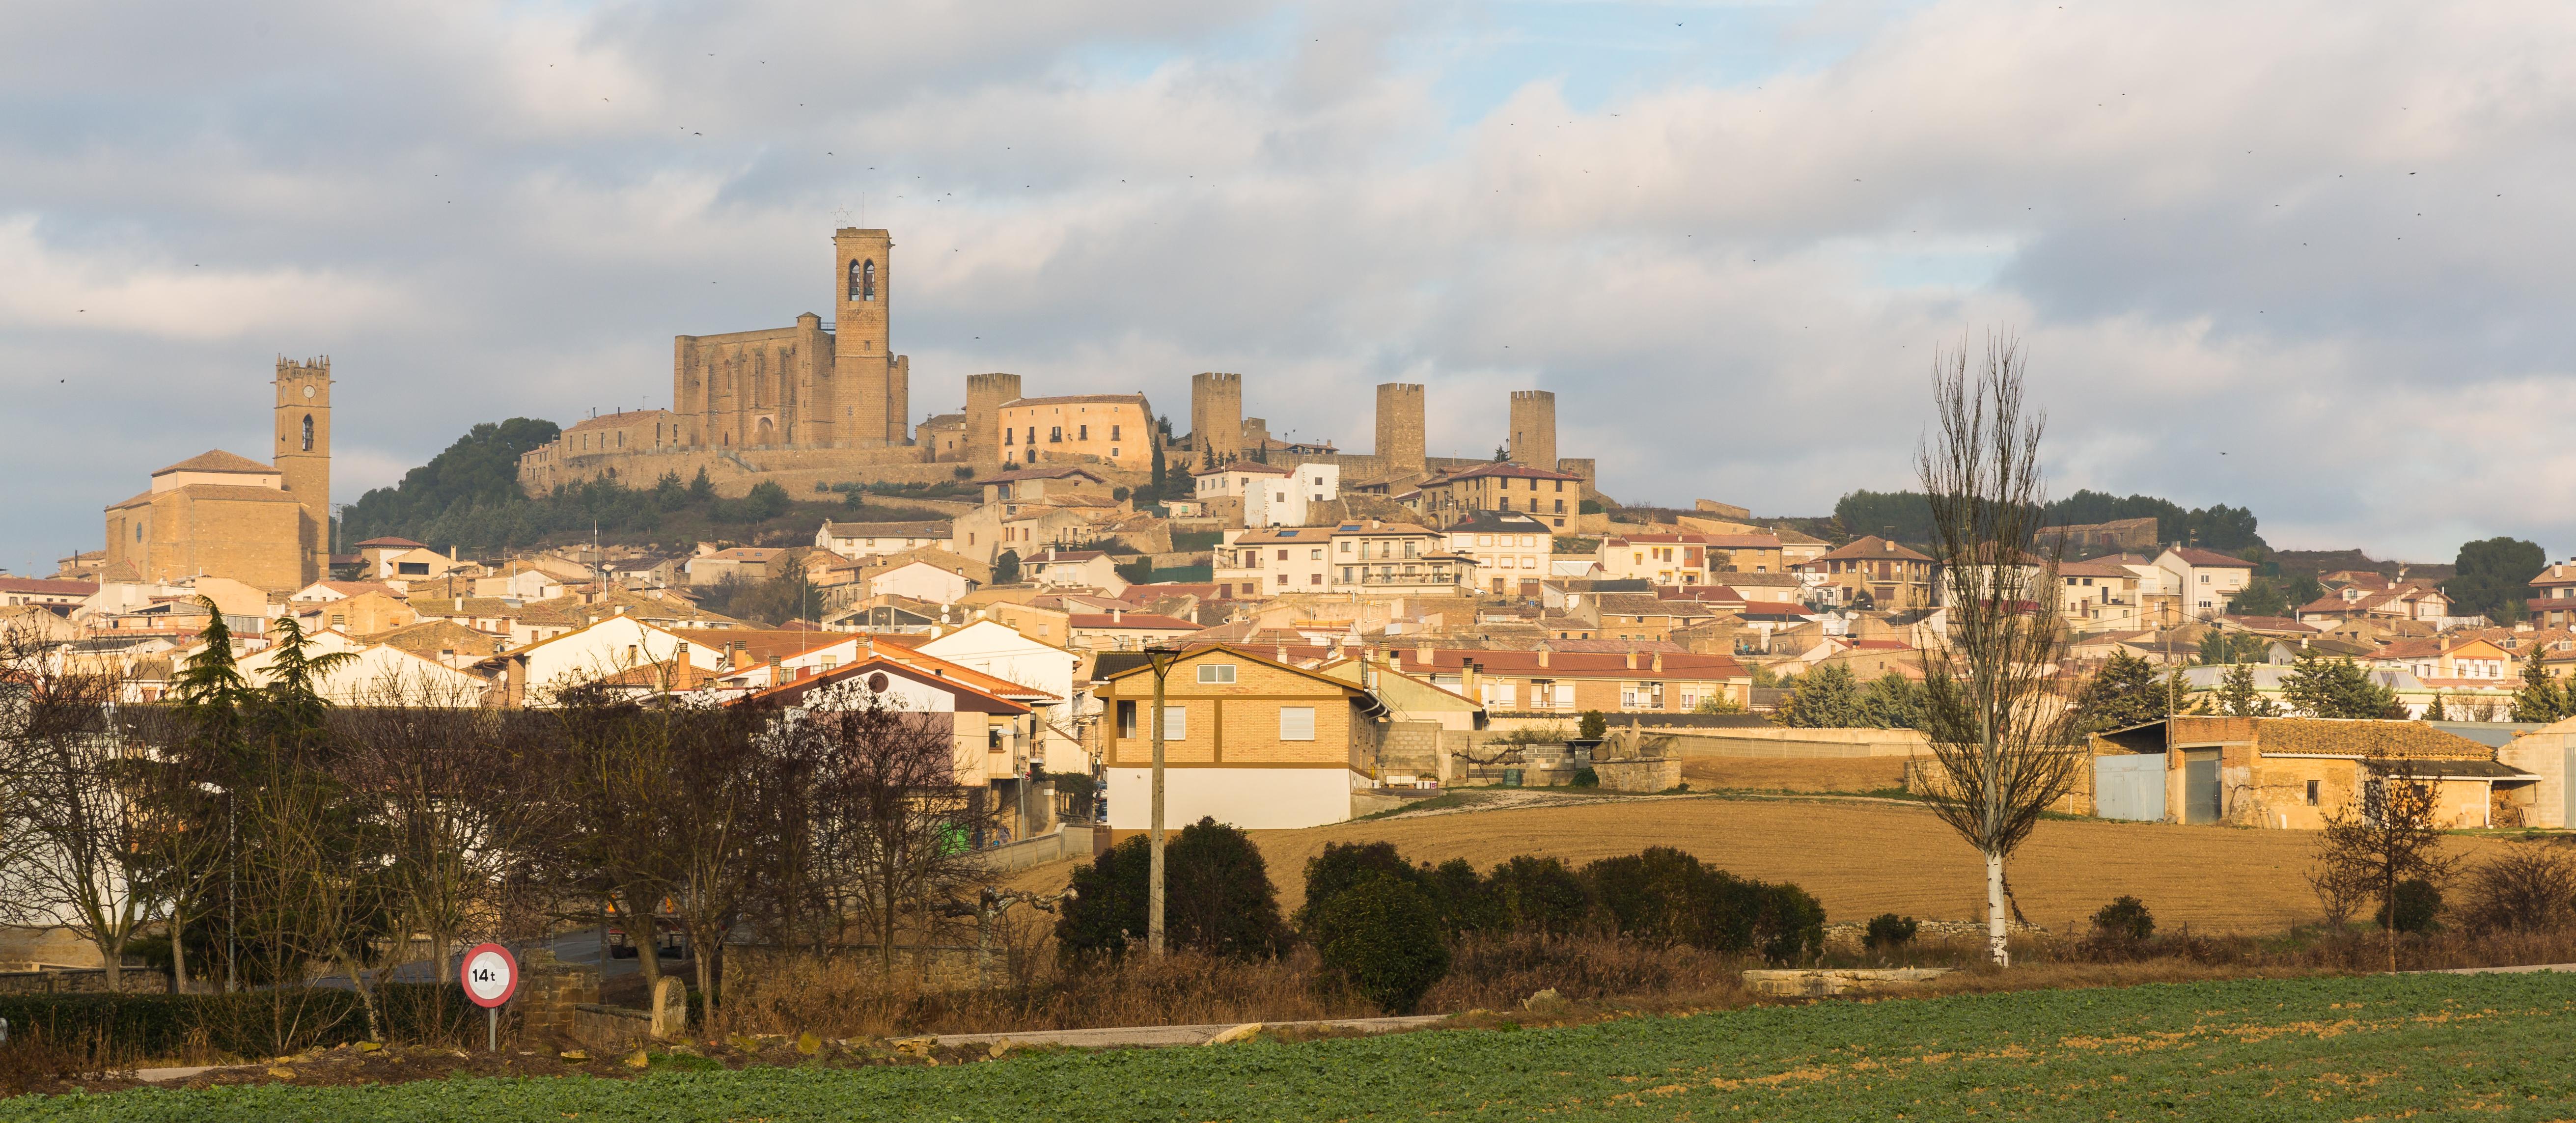 Archivo:Vista de Artajona, Navarra, España, 2015-01-06, DD 01.JPG ...